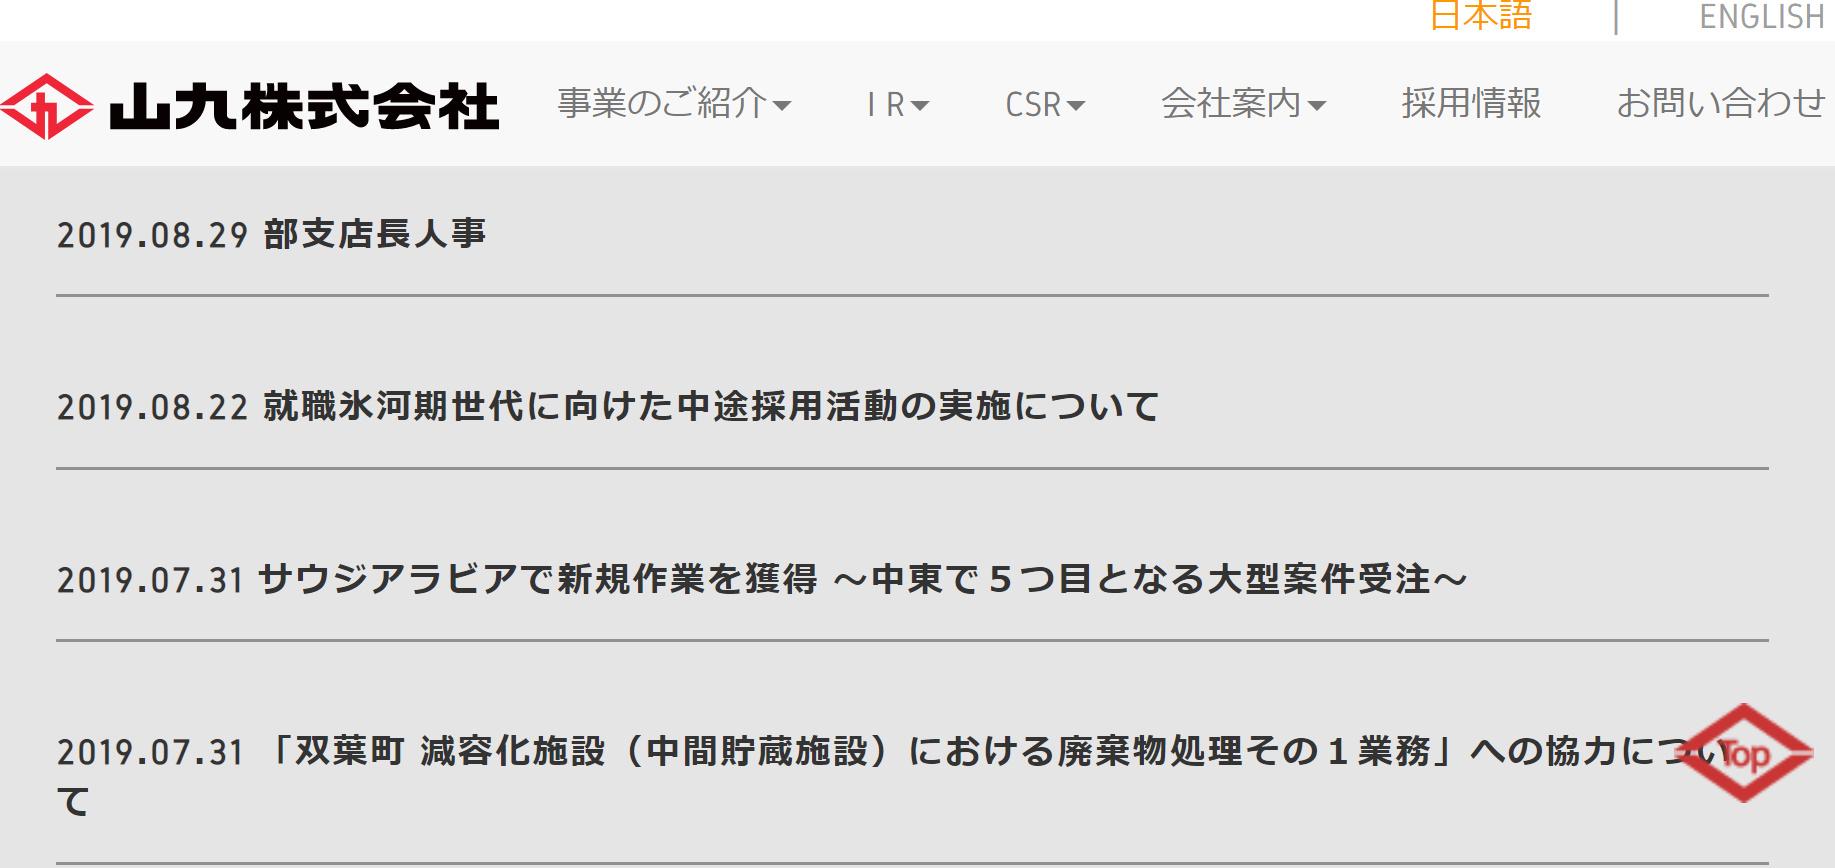 山九株式会社スクリーンショット